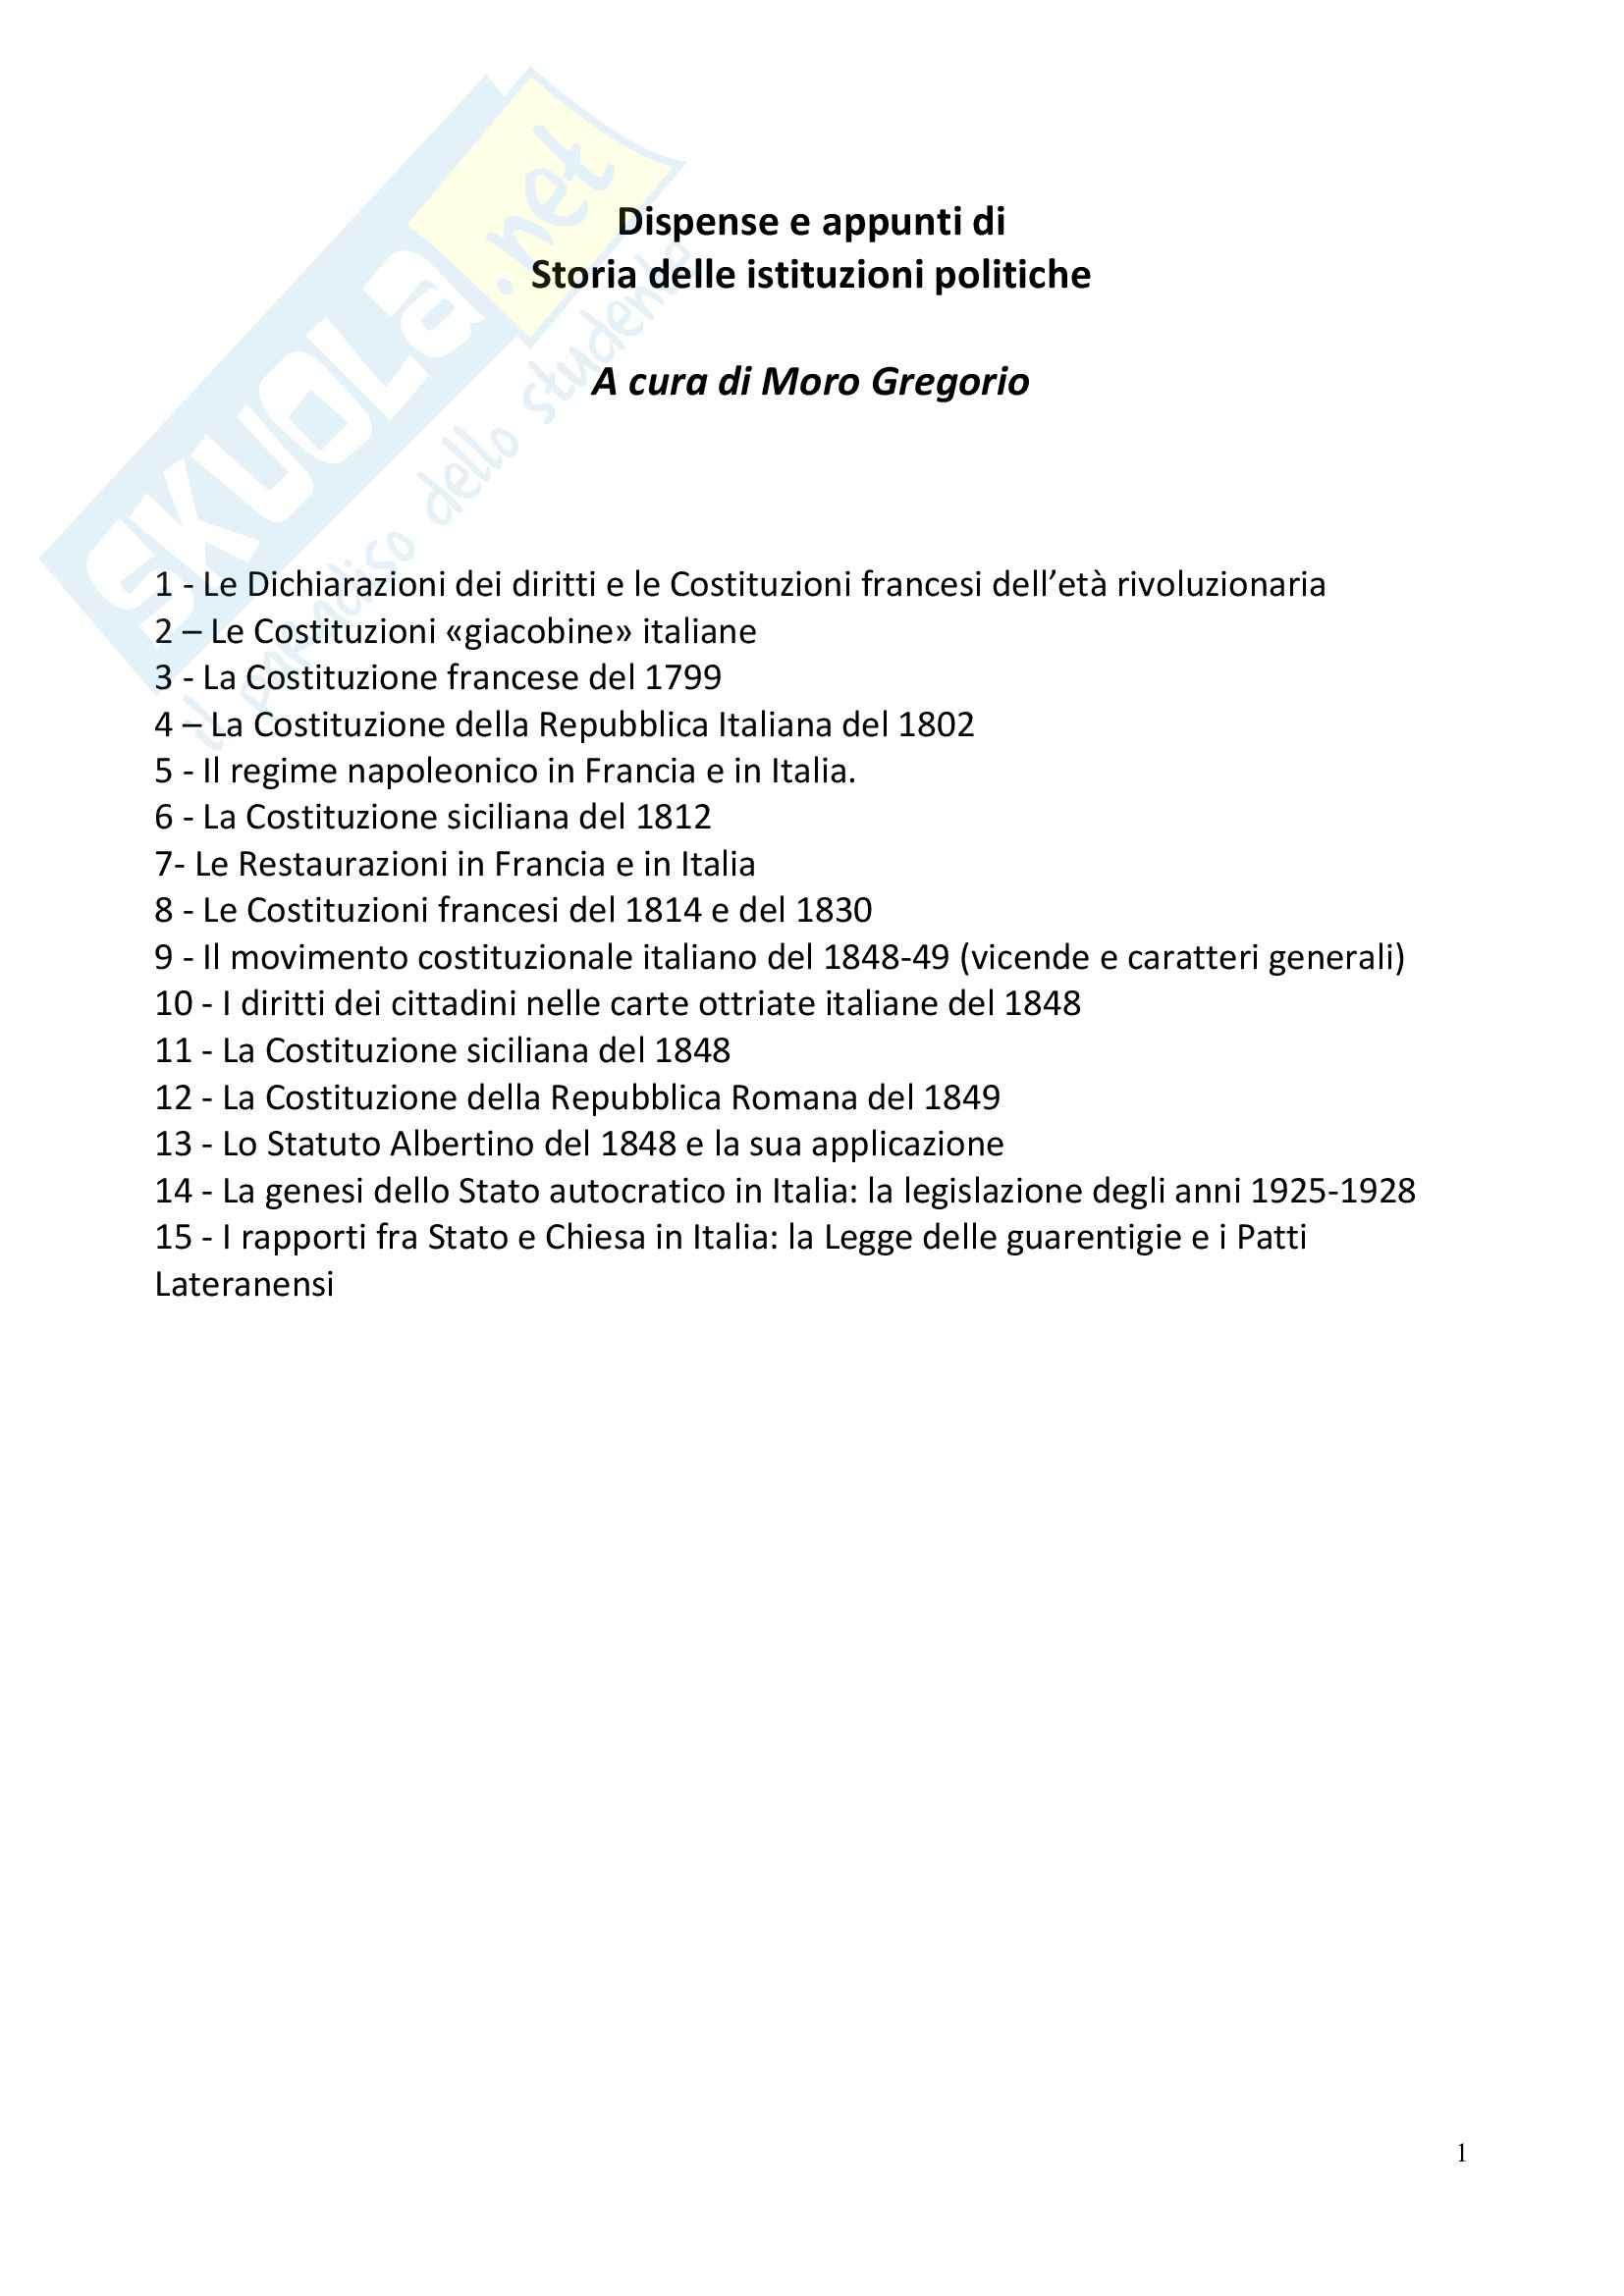 Storia delle istituzioni politiche - Appunti